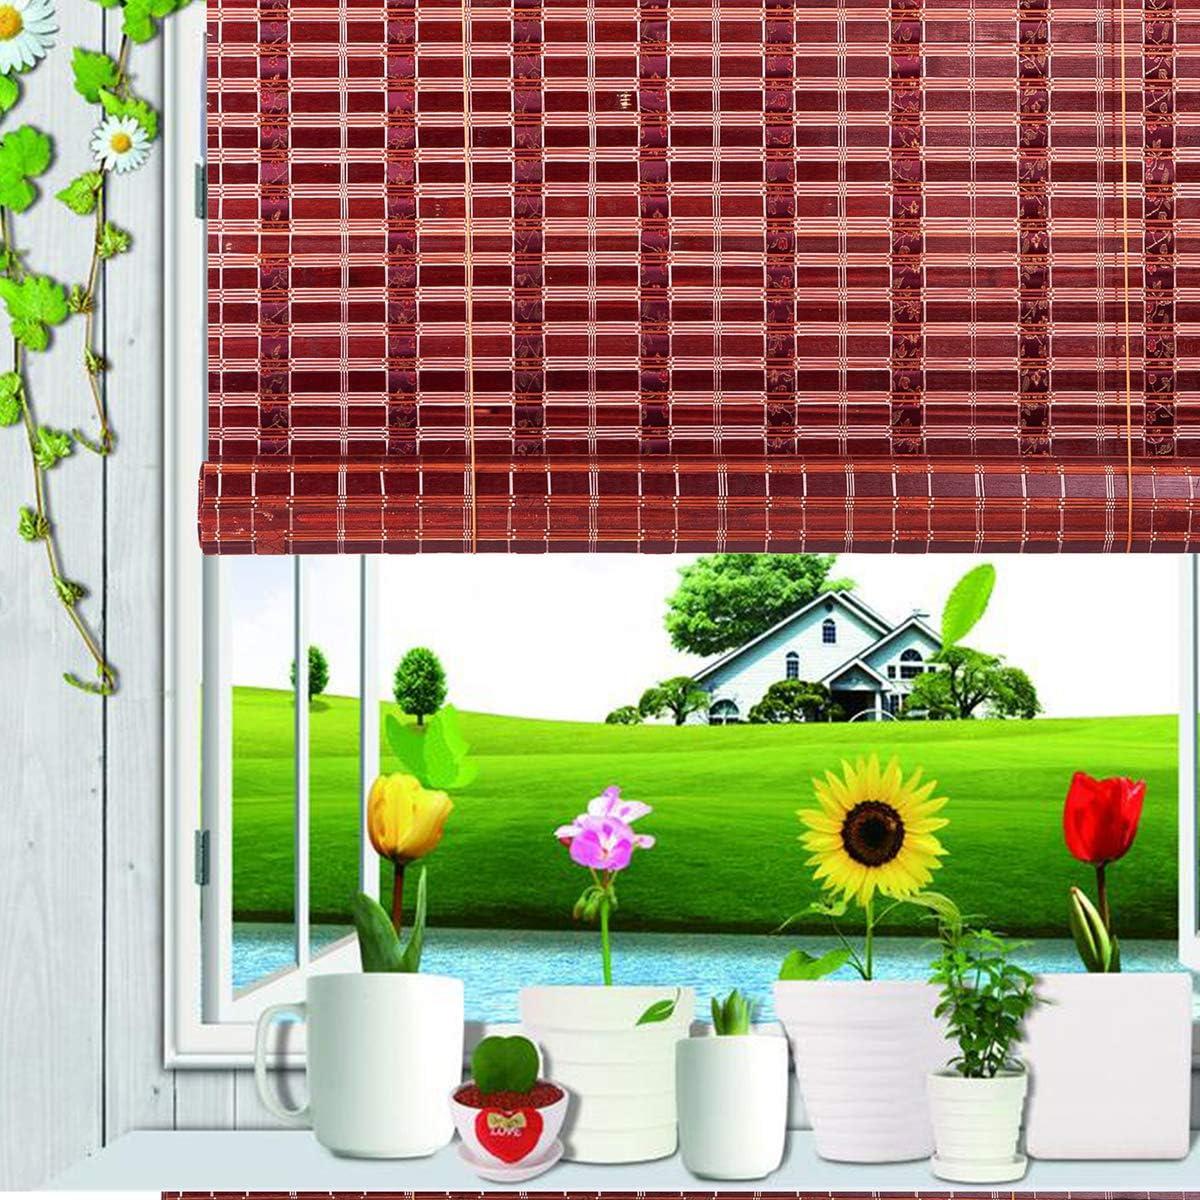 Asian Home Natural Bamboo Roll Up Window Blind Sun Shade Burgundy WB-SUN319 W72 X H72